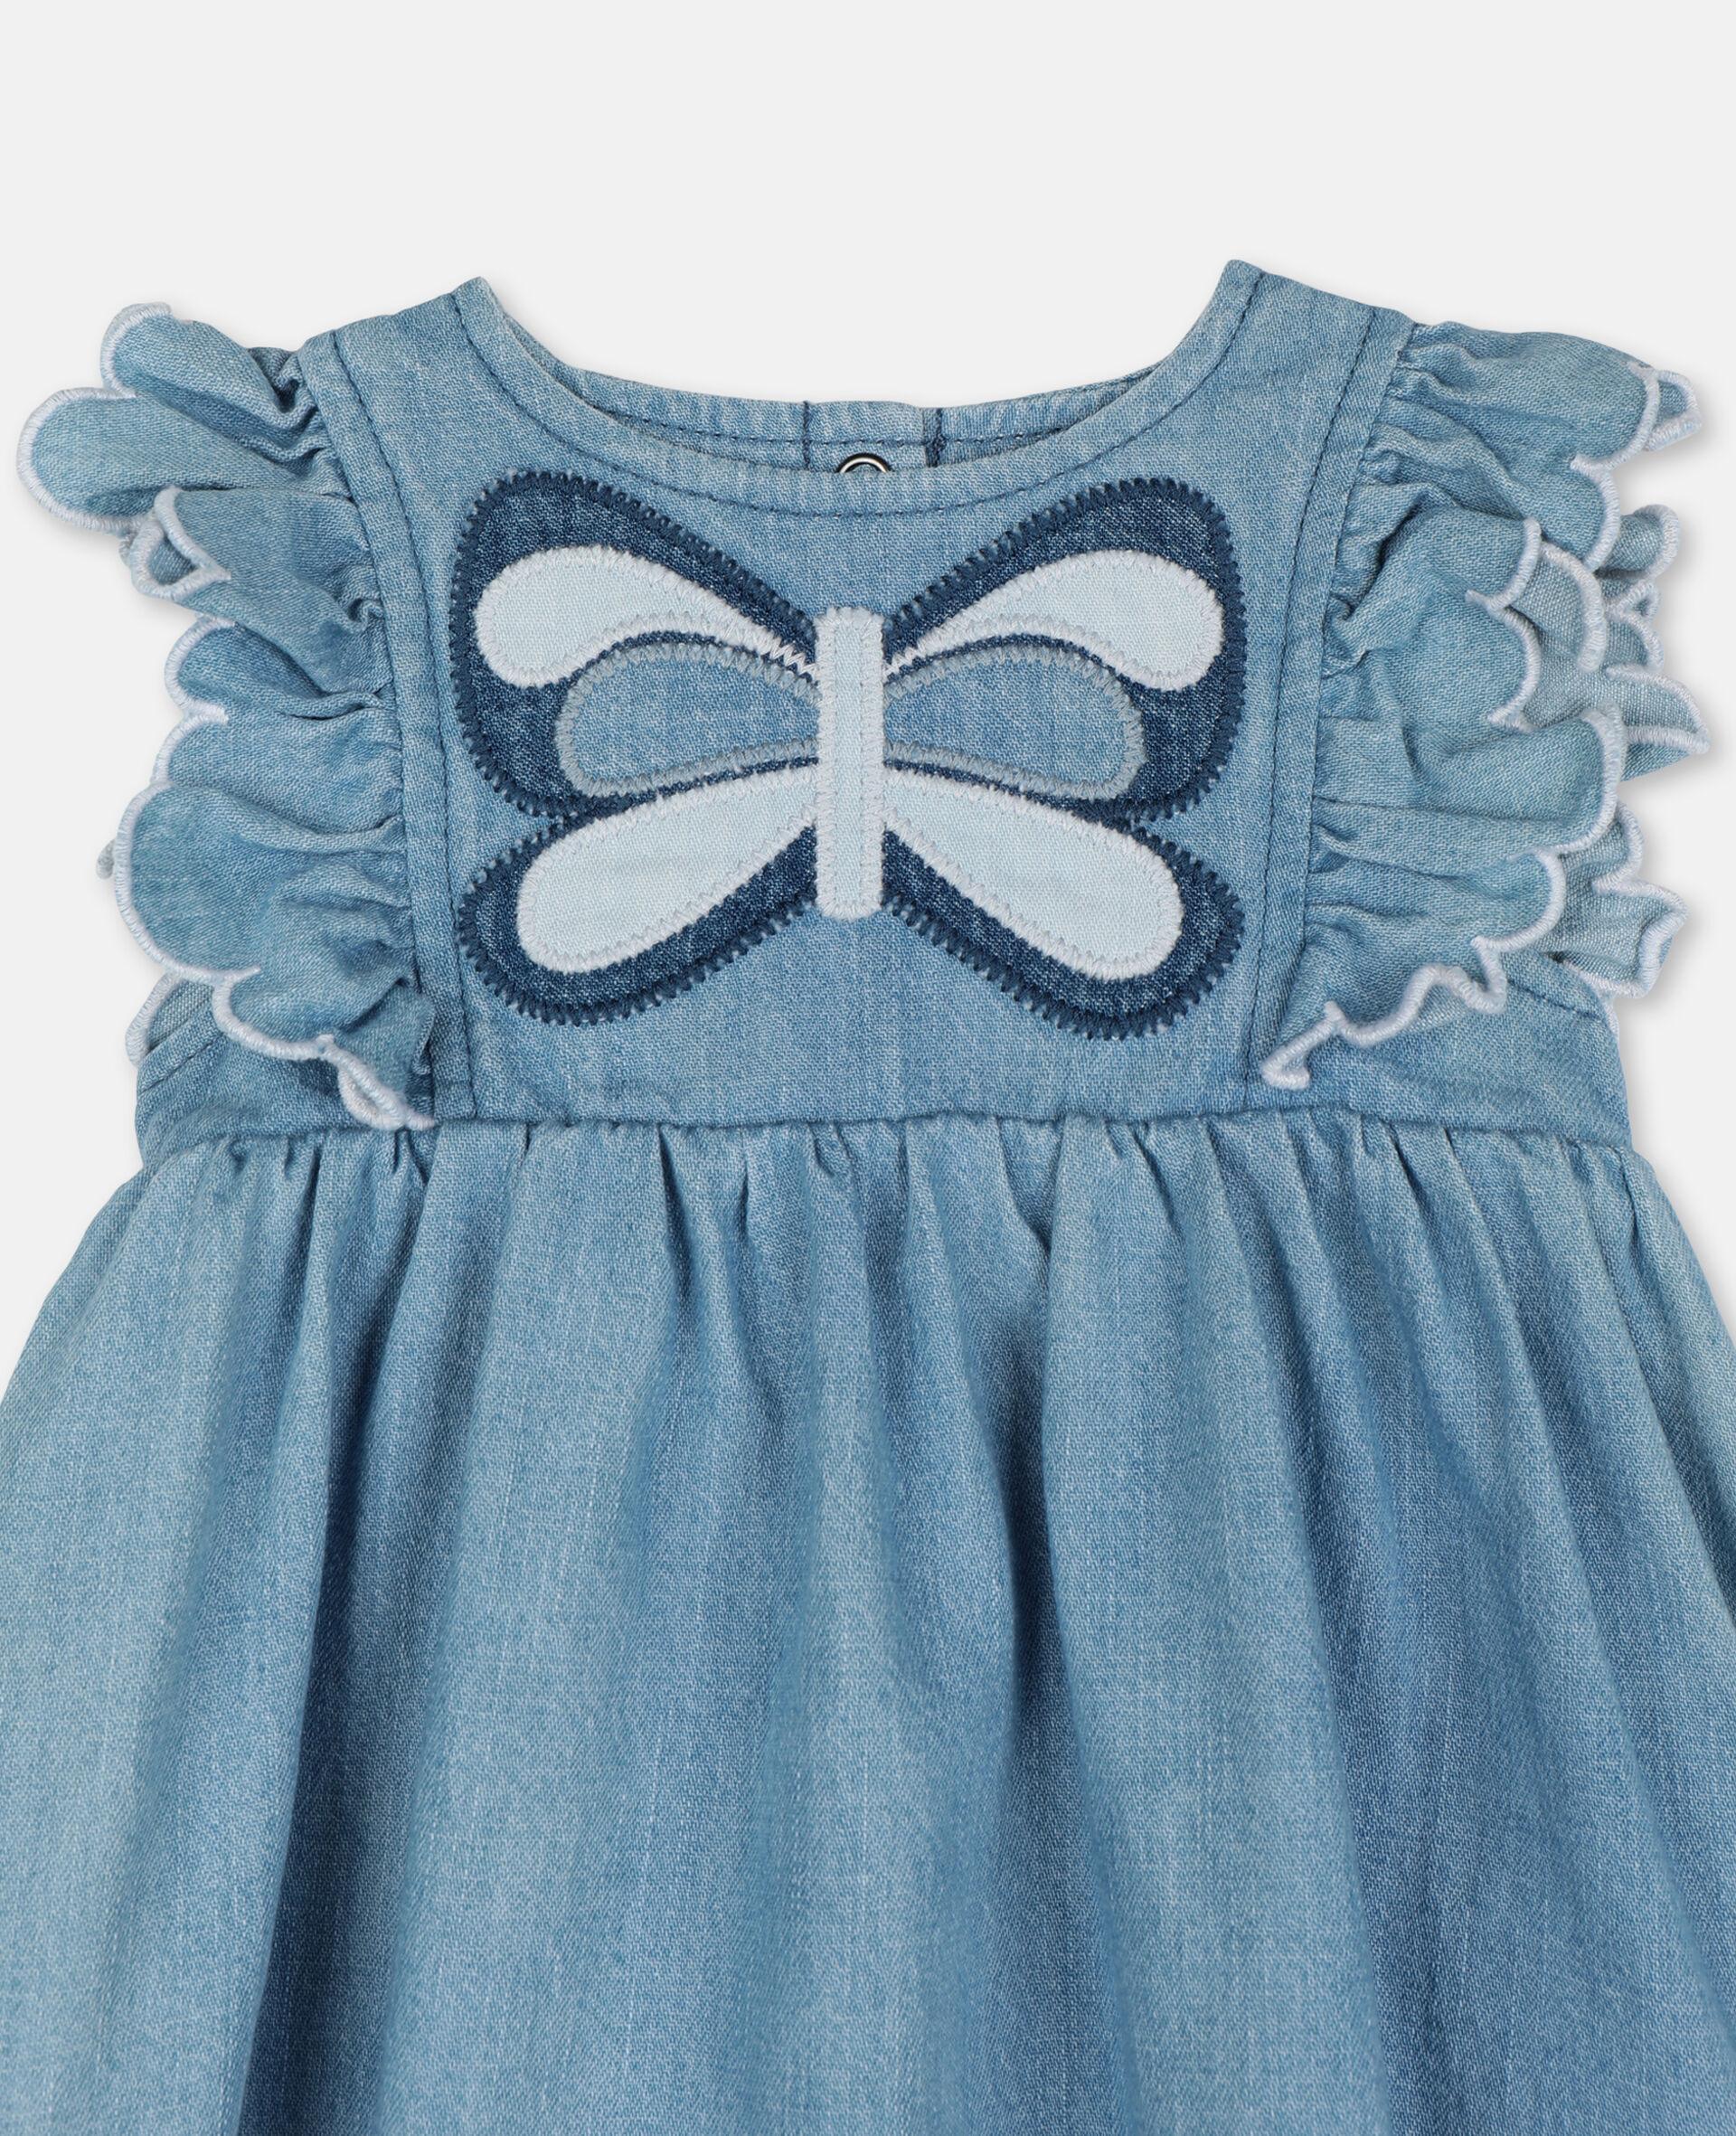 Shorts aus Denim mit Schmetterling-Aufnäher-Blau-large image number 1